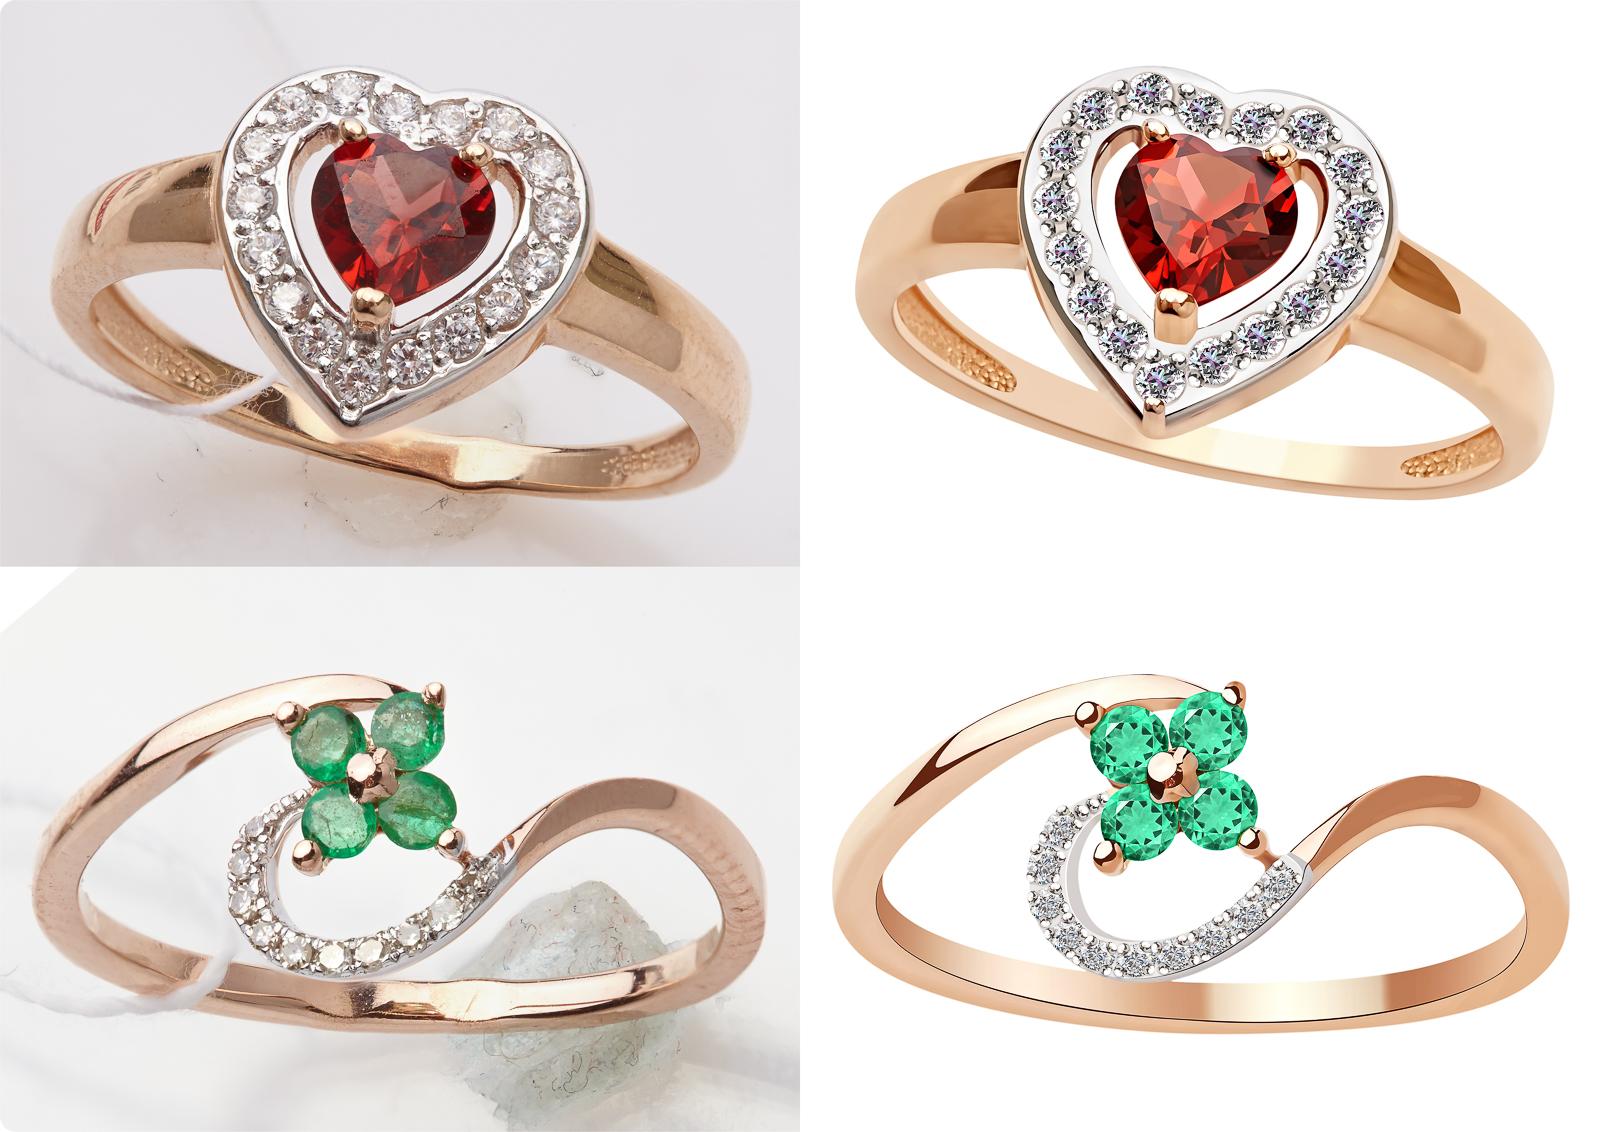 Обработка ювелирных украшений, кольца, набор